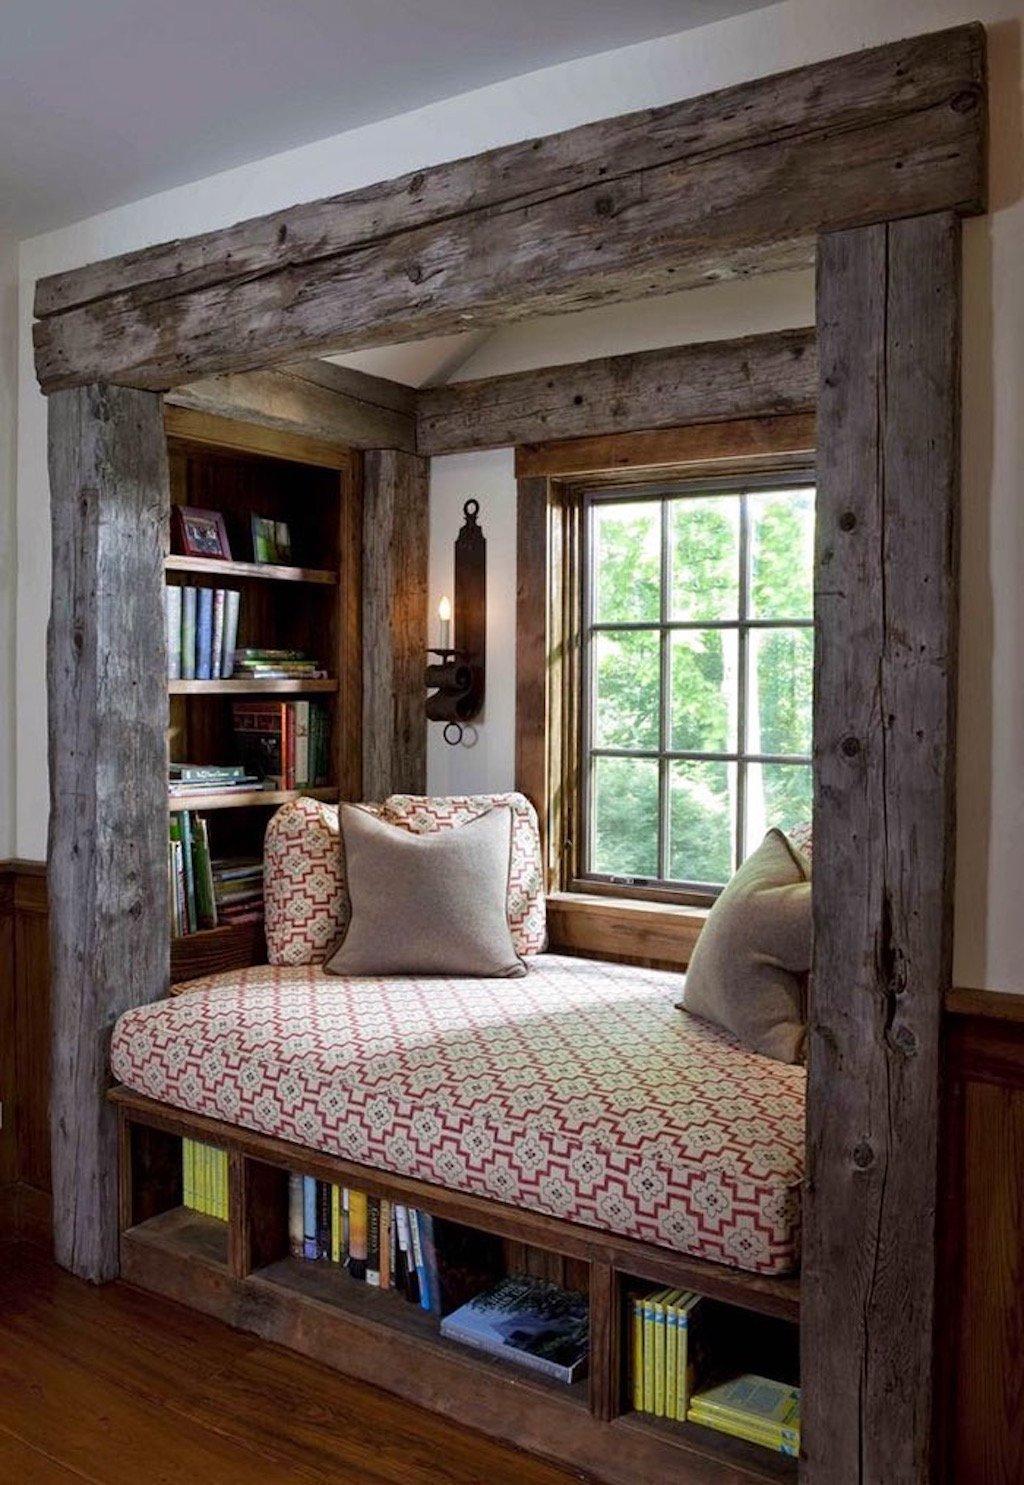 Něco pro romantiky a milovníky masivního dřeva. Knihovna jako částečně oddělená místnost. Prostor pod posezením i stěny okolo mají využití až do posledního centimetru. Knihy je kde uschovat a v tomto koutku vzniká příjemné posezení ve dne i v noci. Denní světlo nebo raději mírné osvětlení z lampy imitující svíci? Na své si přijdou ranní ptáčata i noční sovy.